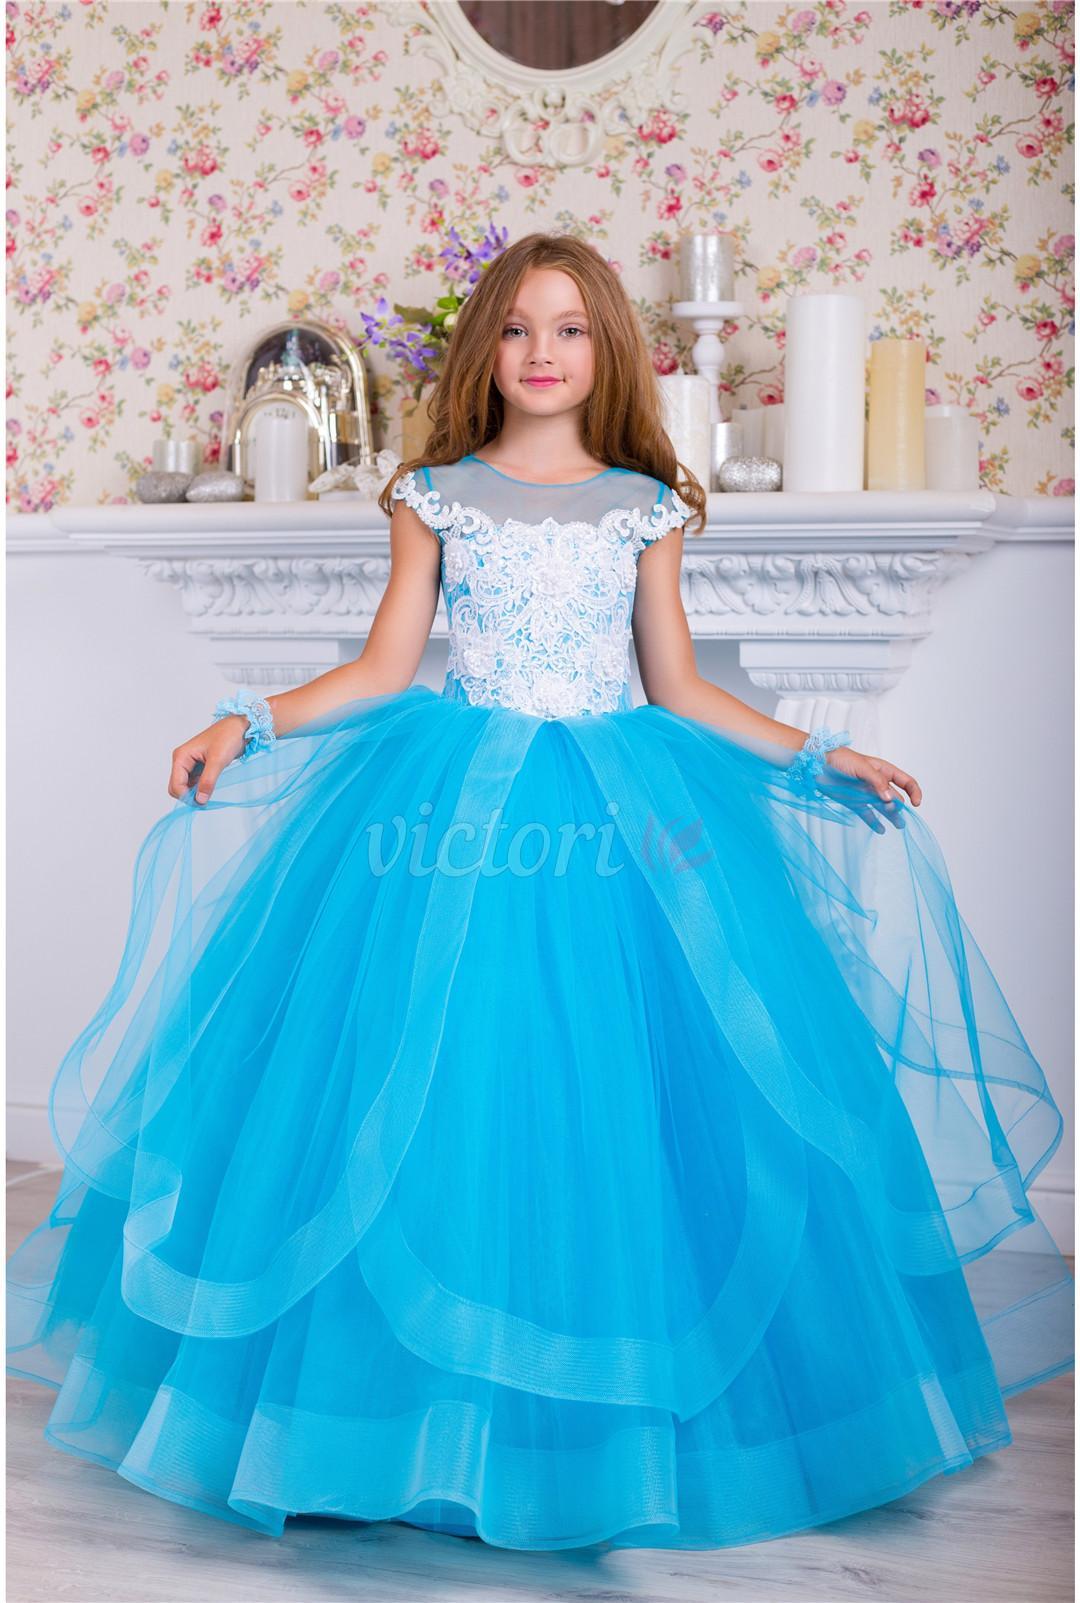 Dentelle Perlée Robe De Fille De Fleur Sheerette Cou Cap Manches Robes De Mariée Petite Fille Bel Enfant Pageant Robes Robes